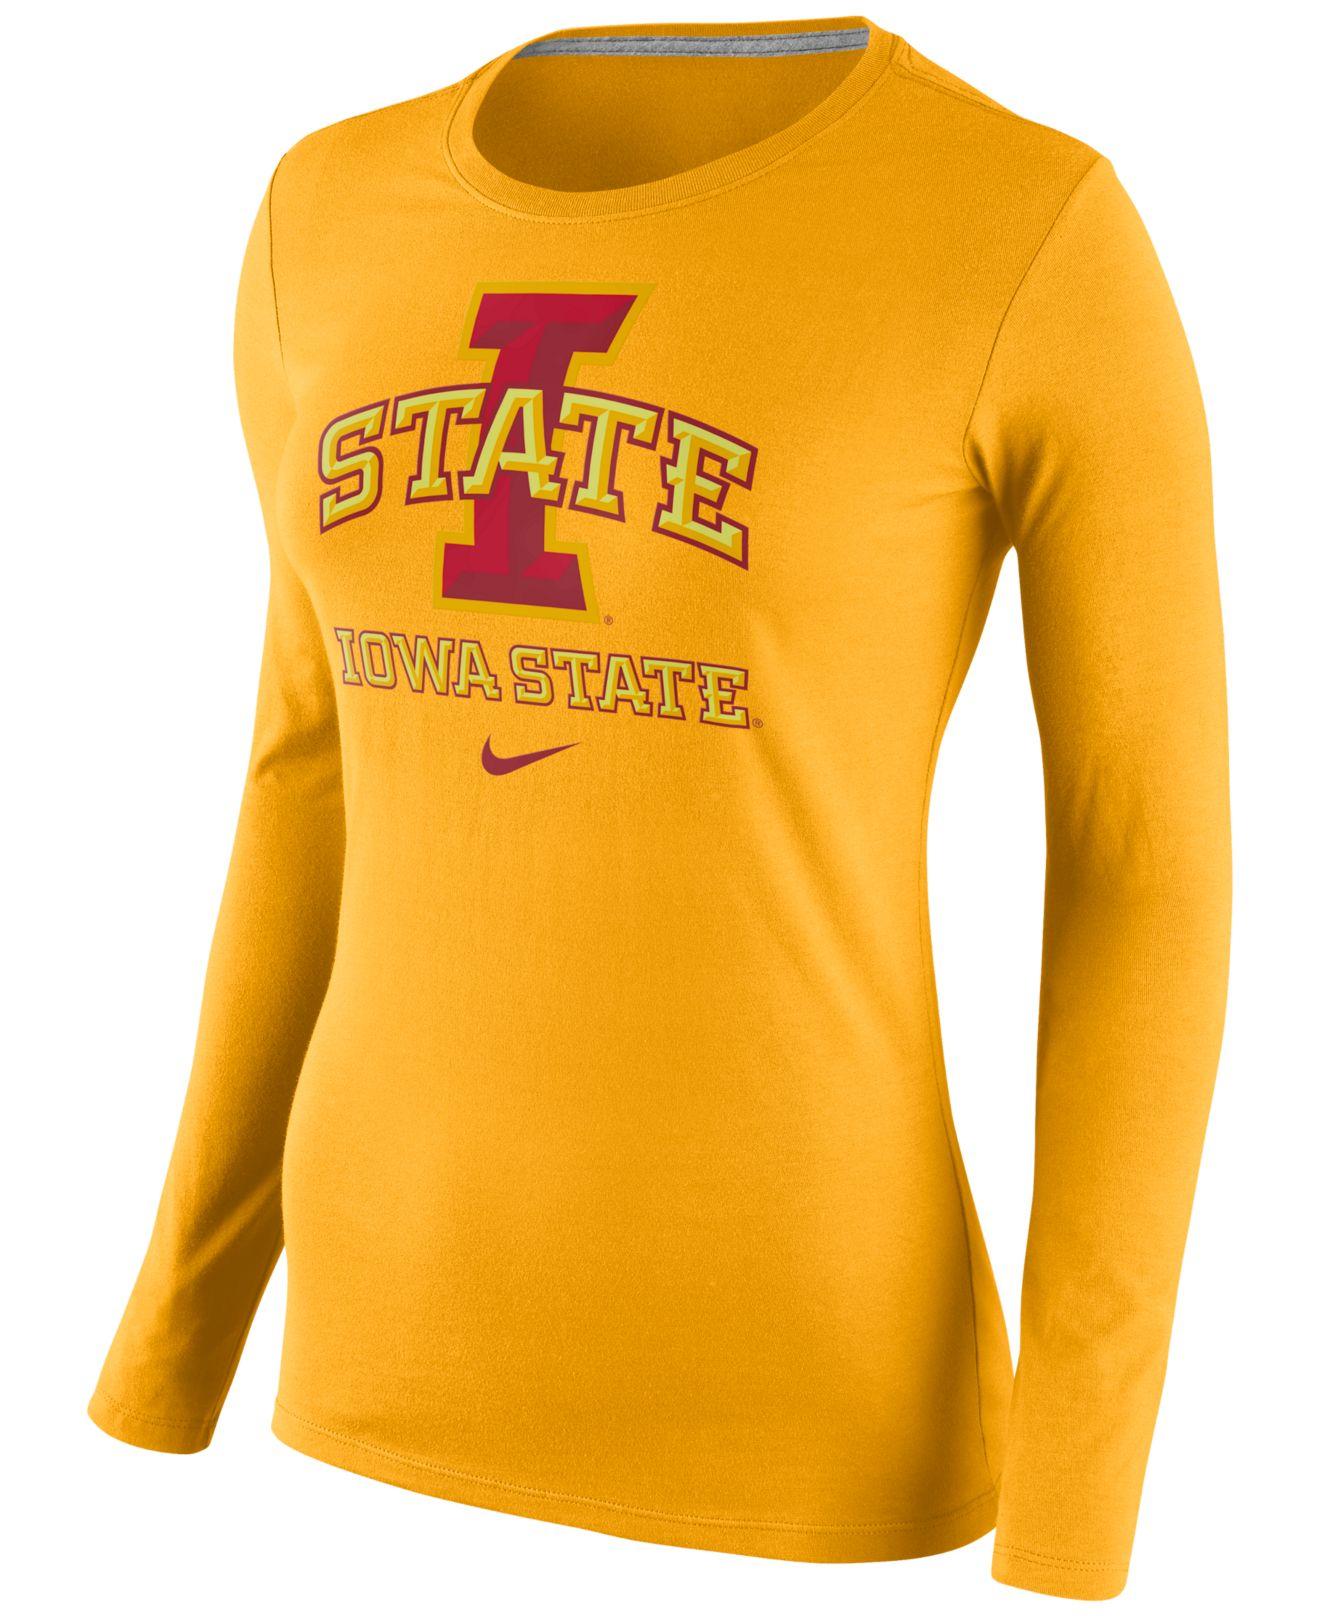 Nike womens long sleeve iowa state cyclones logo t shirt for Womens yellow long sleeve shirt